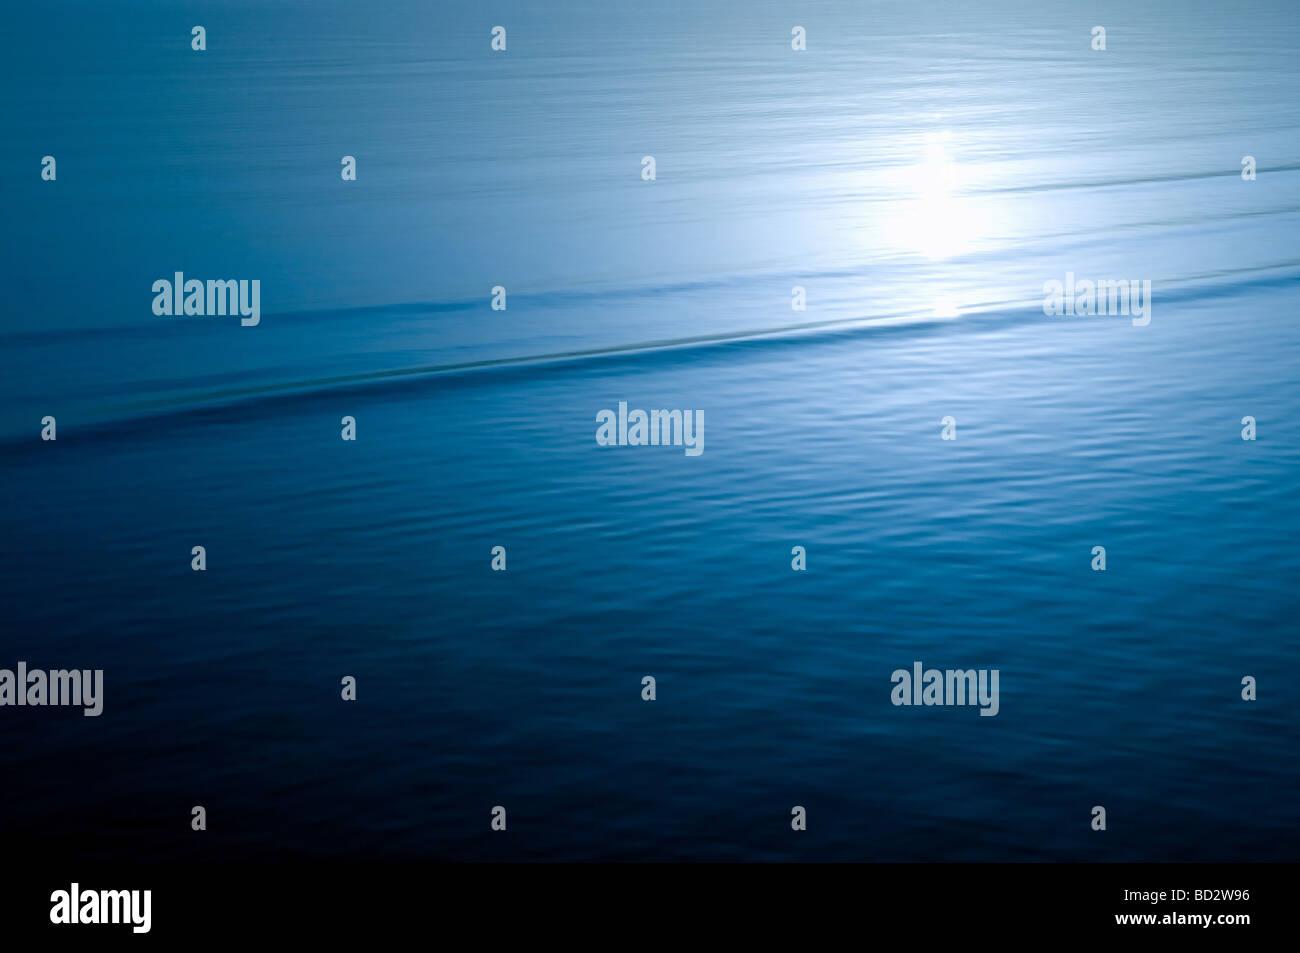 Mare tranquillo della superficie dell'acqua con luce solare Immagini Stock